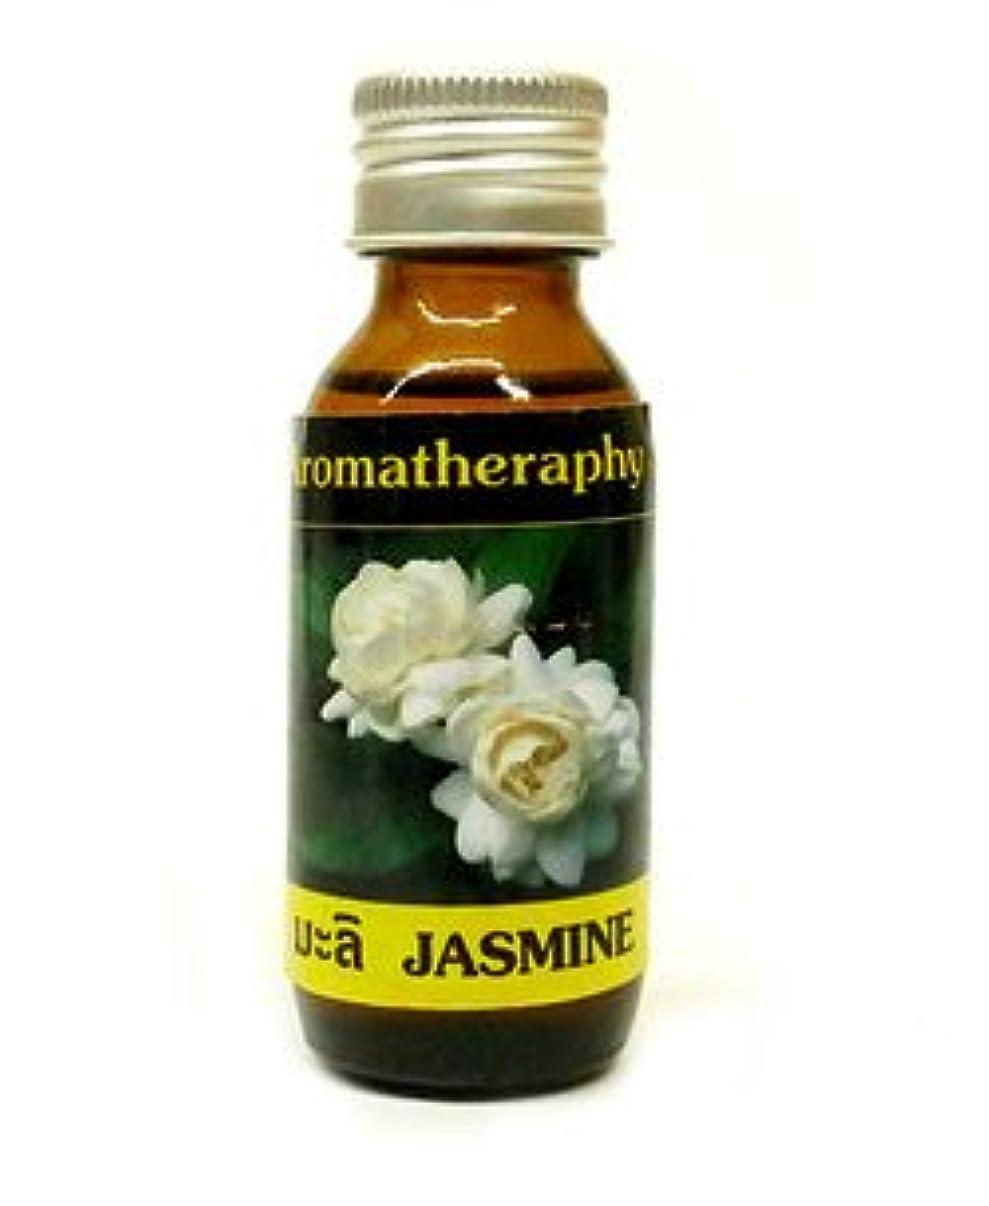 取り戻す届ける強度ジャスミン〔JASMINE〕 アロマオイル アロマテラピーオイル 30ml タイ雑貨 アジアン雑貨